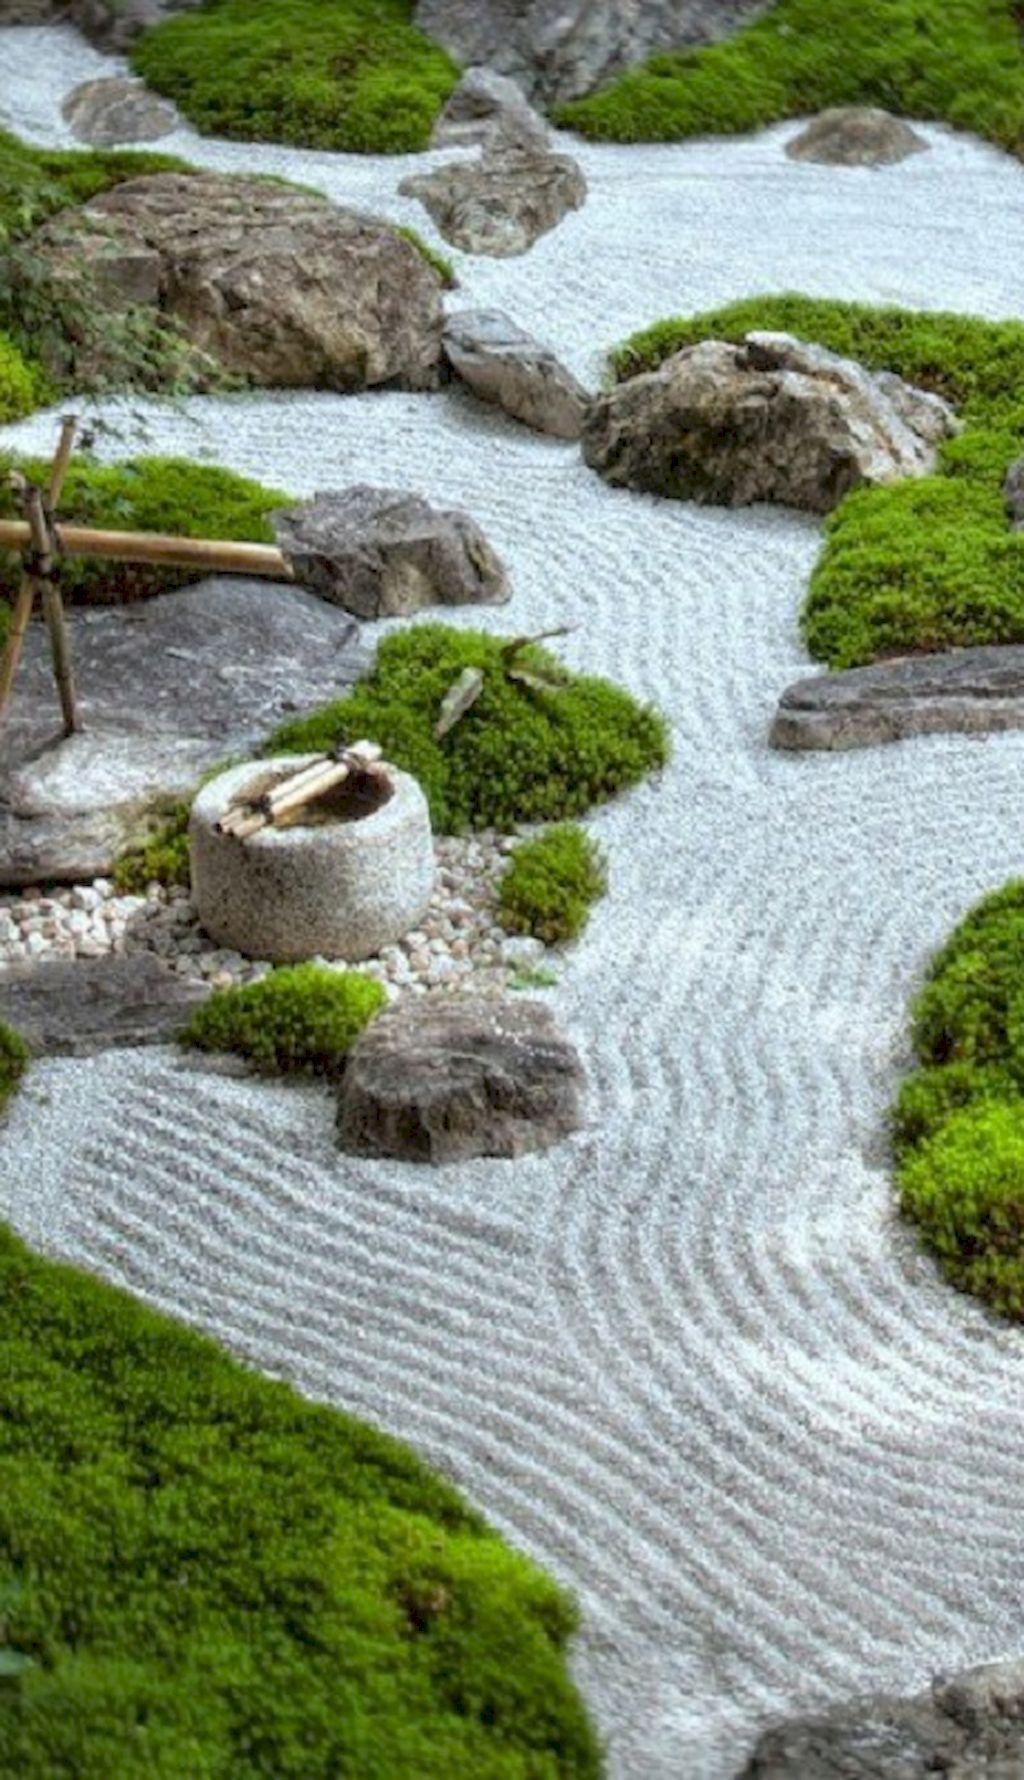 Beautiful front yard rock garden landscaping ideas (82 ... on Zen Front Yard Ideas id=57469